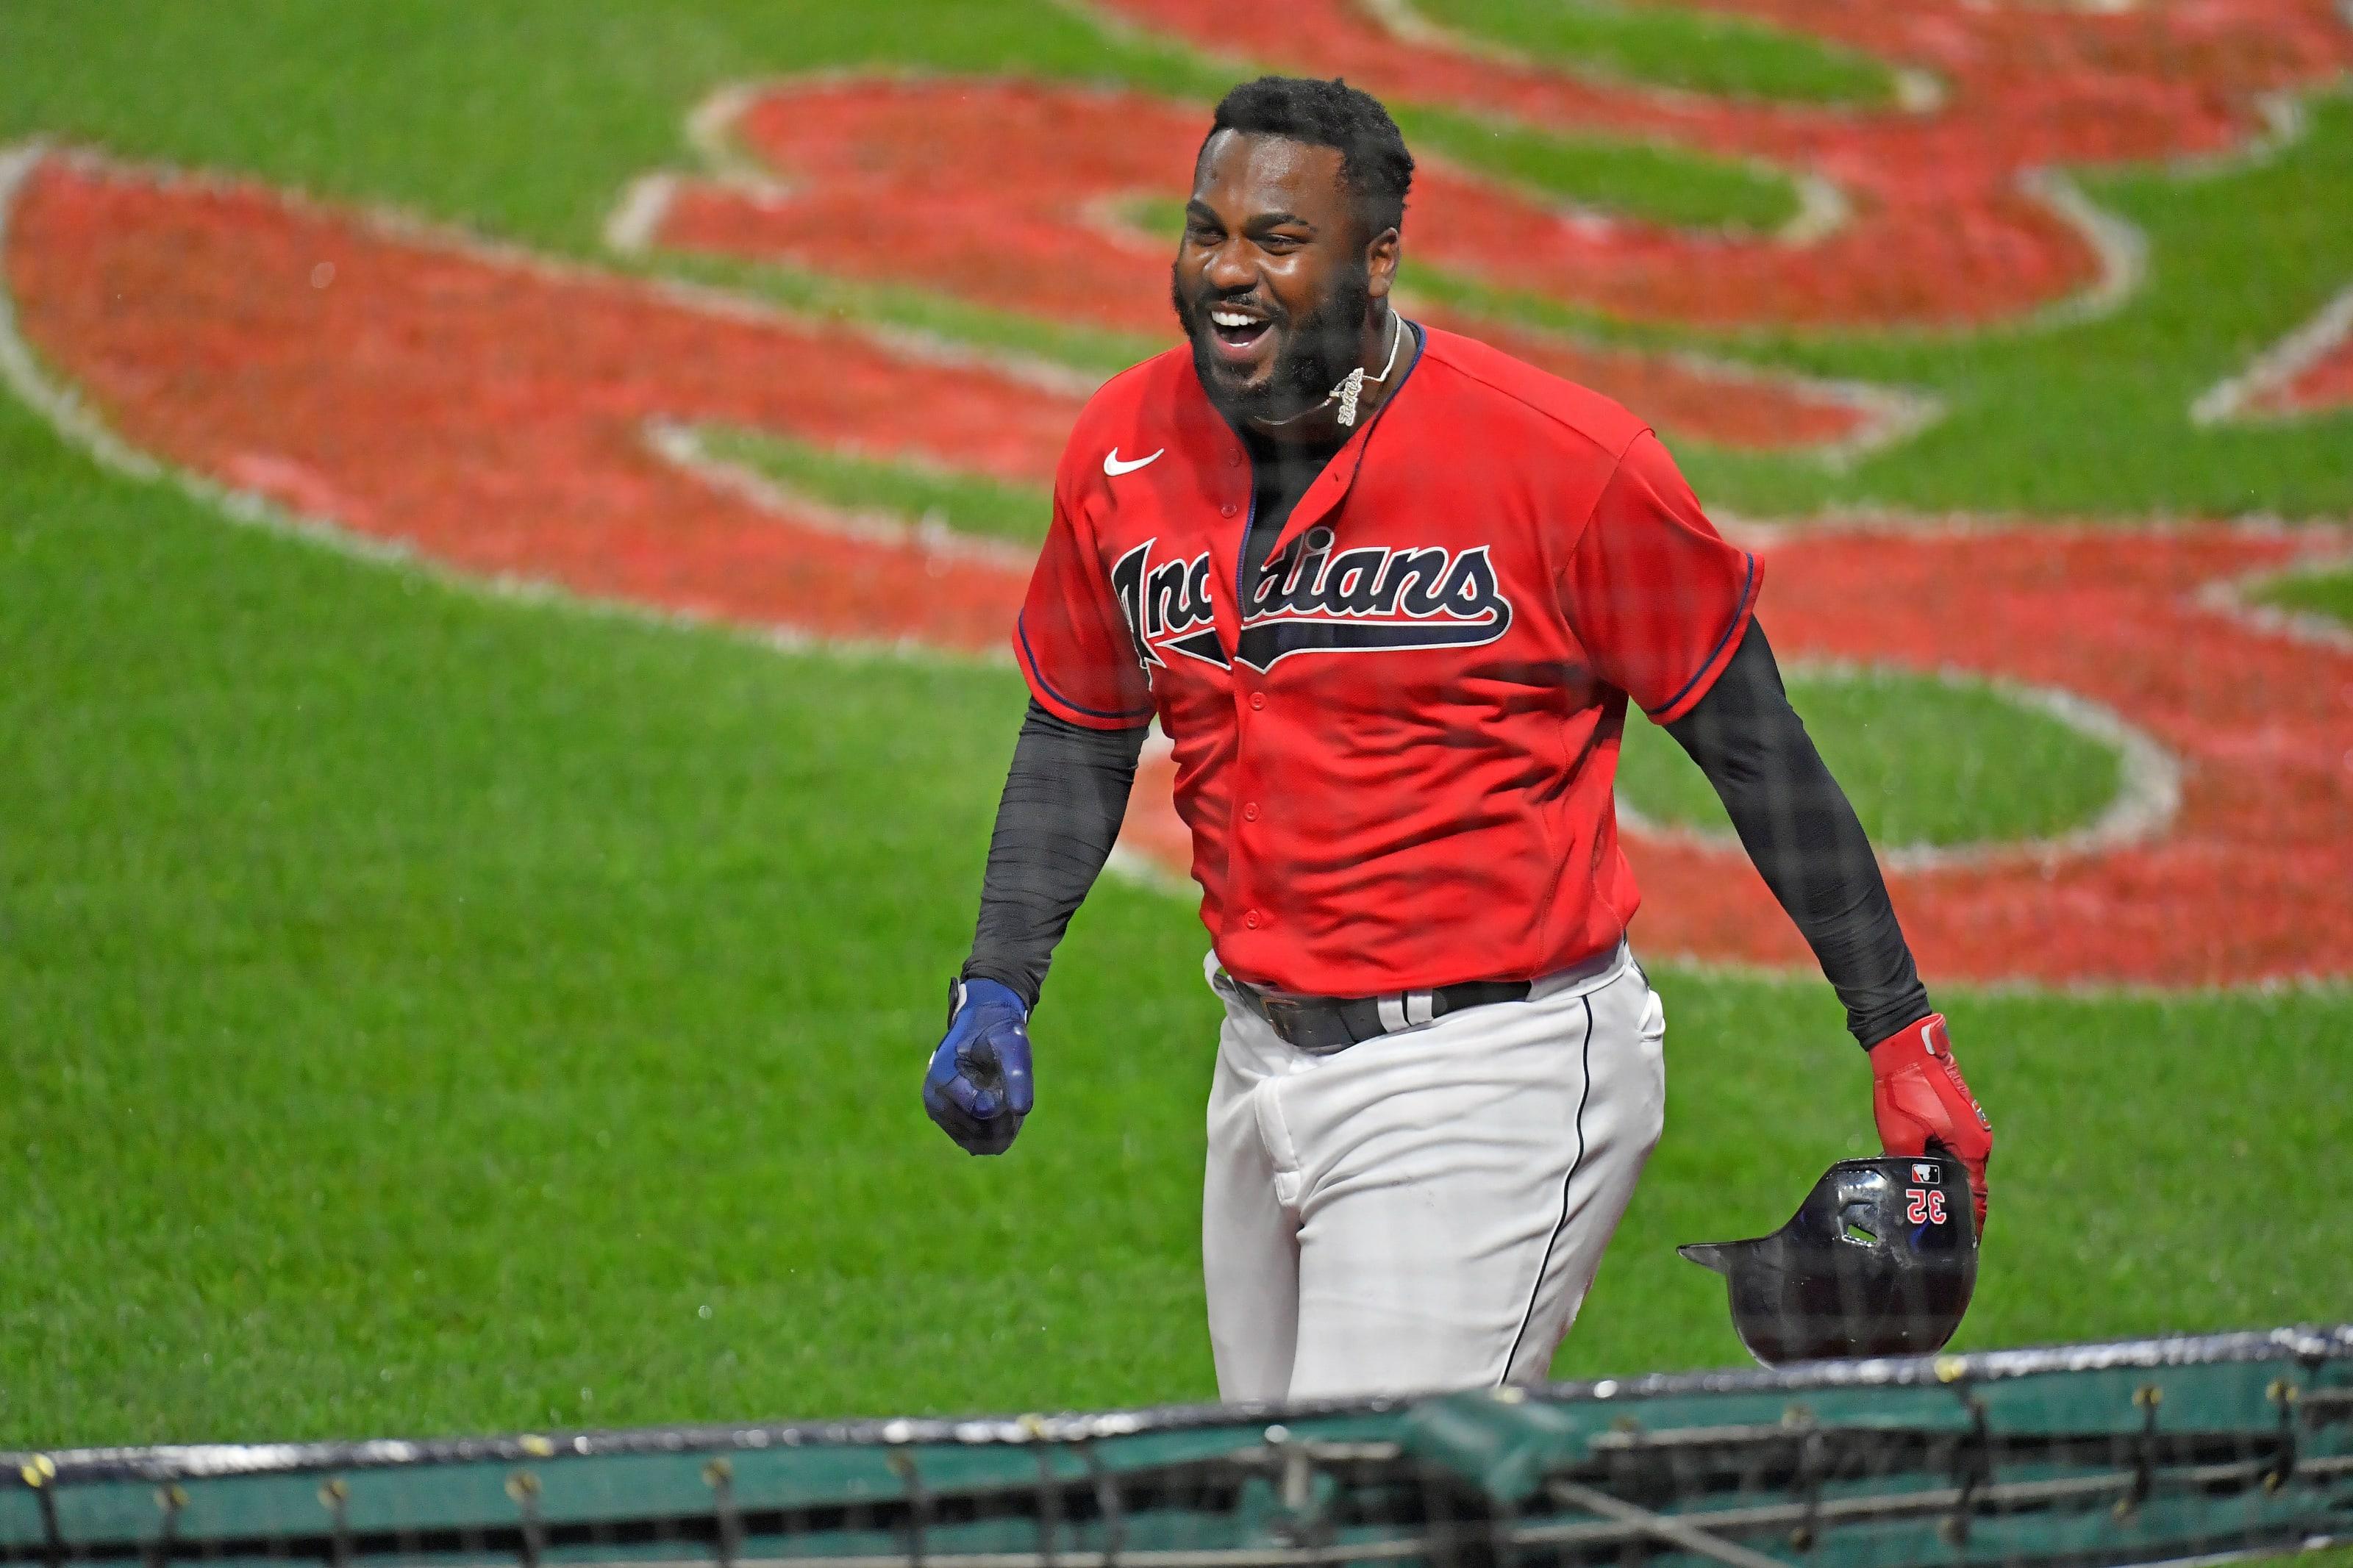 Franmil Reyes, Cleveland Indians